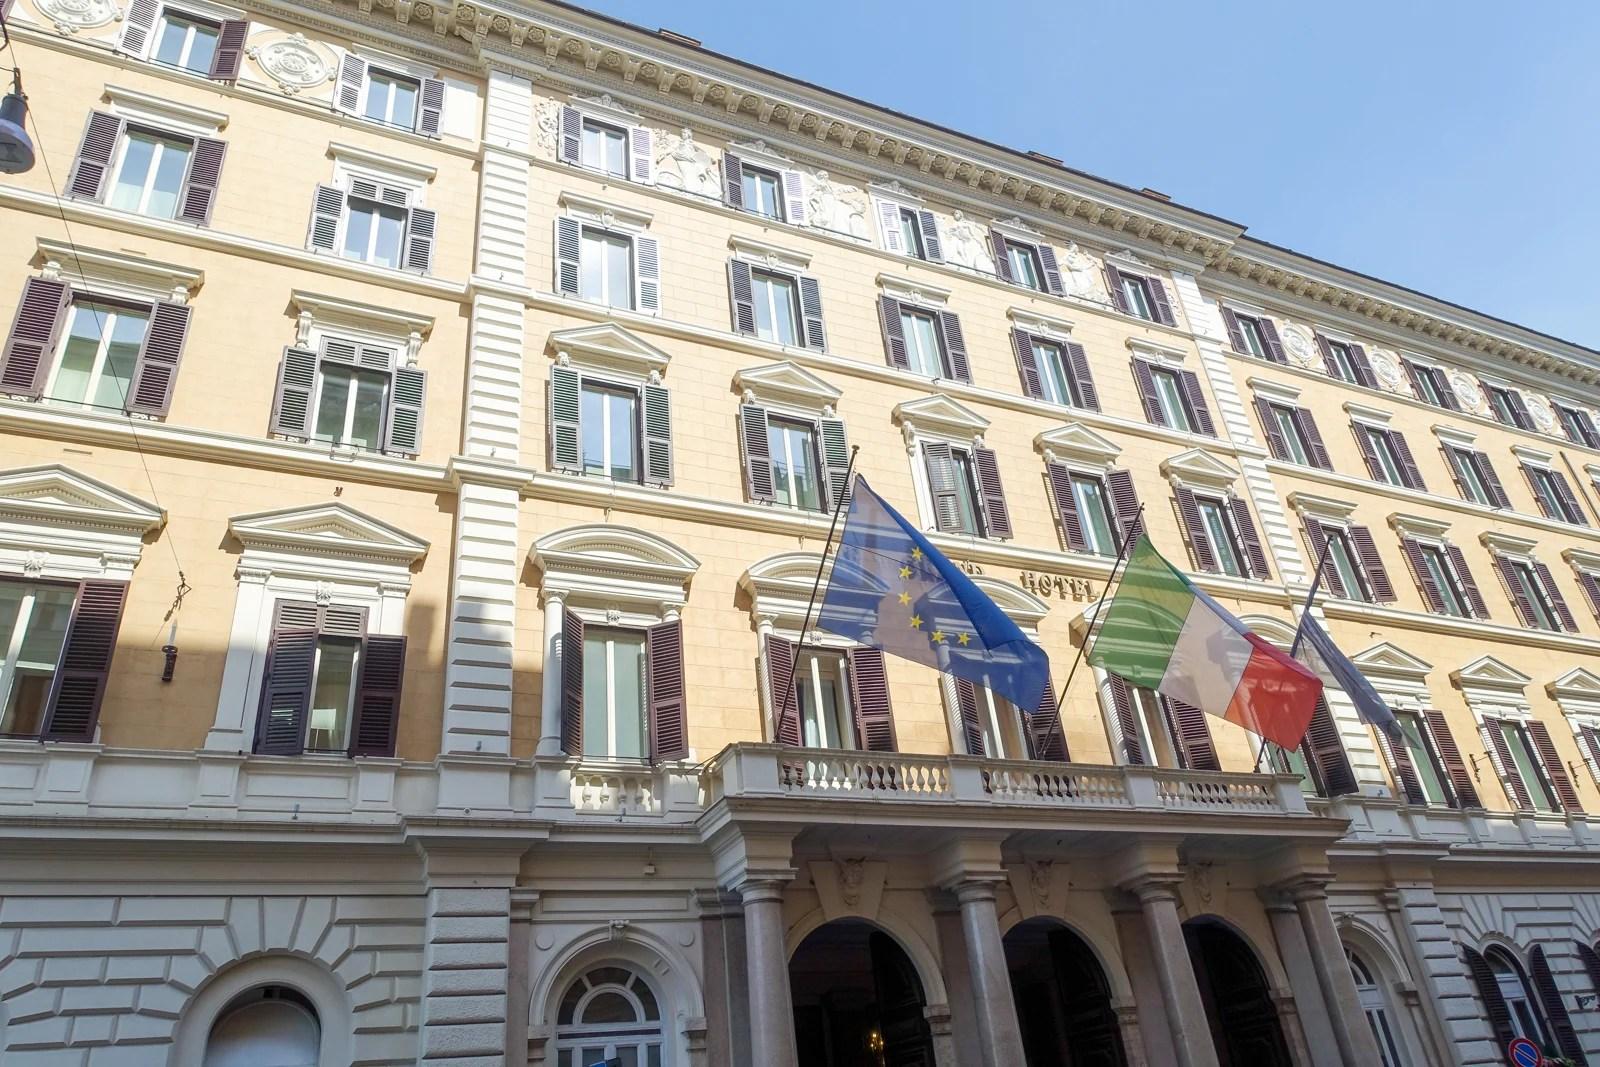 La Dolce Vita: A Review of The St. Regis Rome